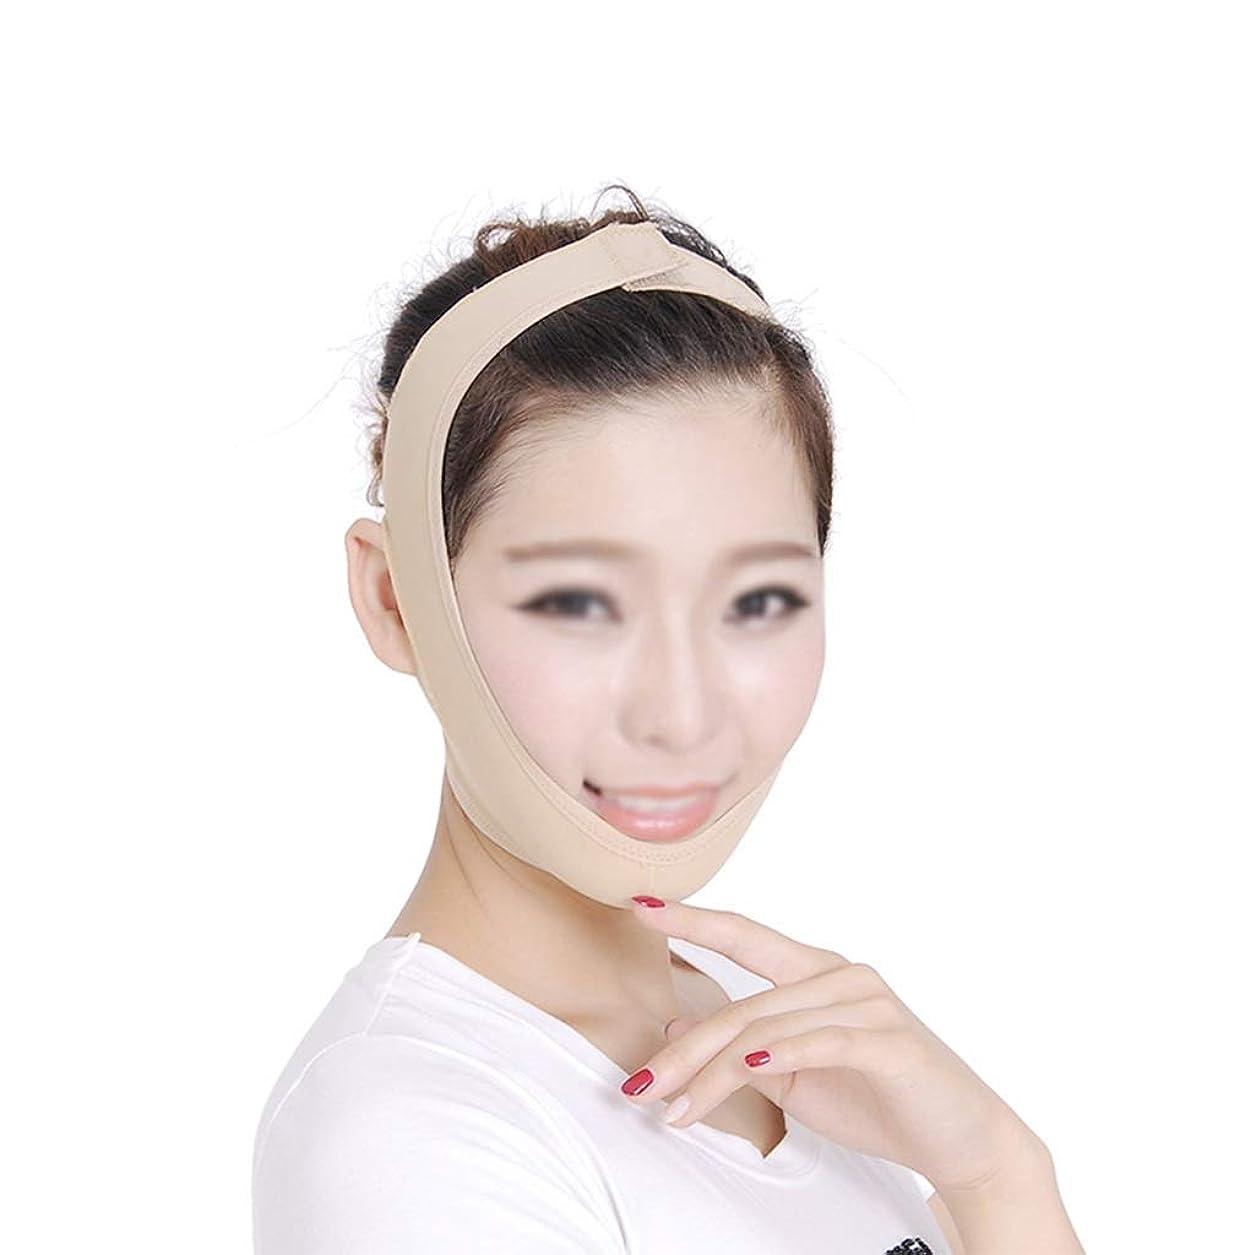 自分のそんなにジレンマフェイシャル減量マスクリフティングフェイス、フェイスマスク、減量包帯を除去するためのダブルチン、フェイシャルリフティング包帯、ダブルチンを減らすためのリフティングベルト(カラー:ブラック、サイズ:M),イエローピンク、XL